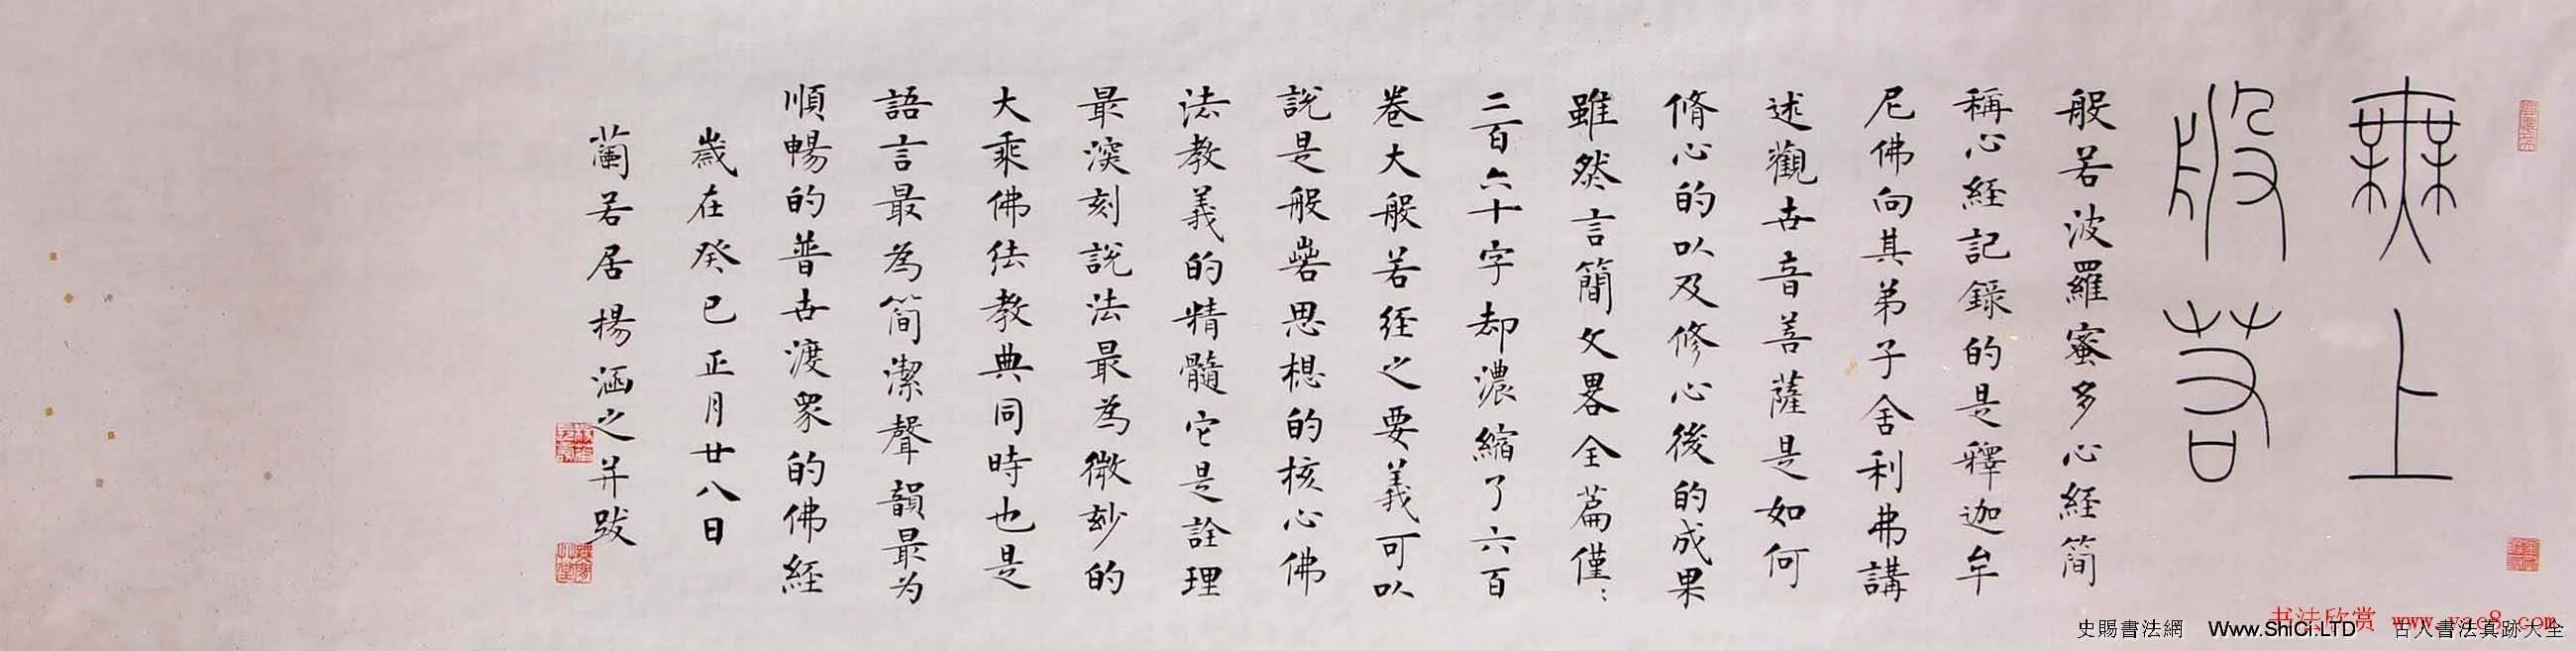 潤堂楷書欣賞《般若波羅蜜多心經》三種